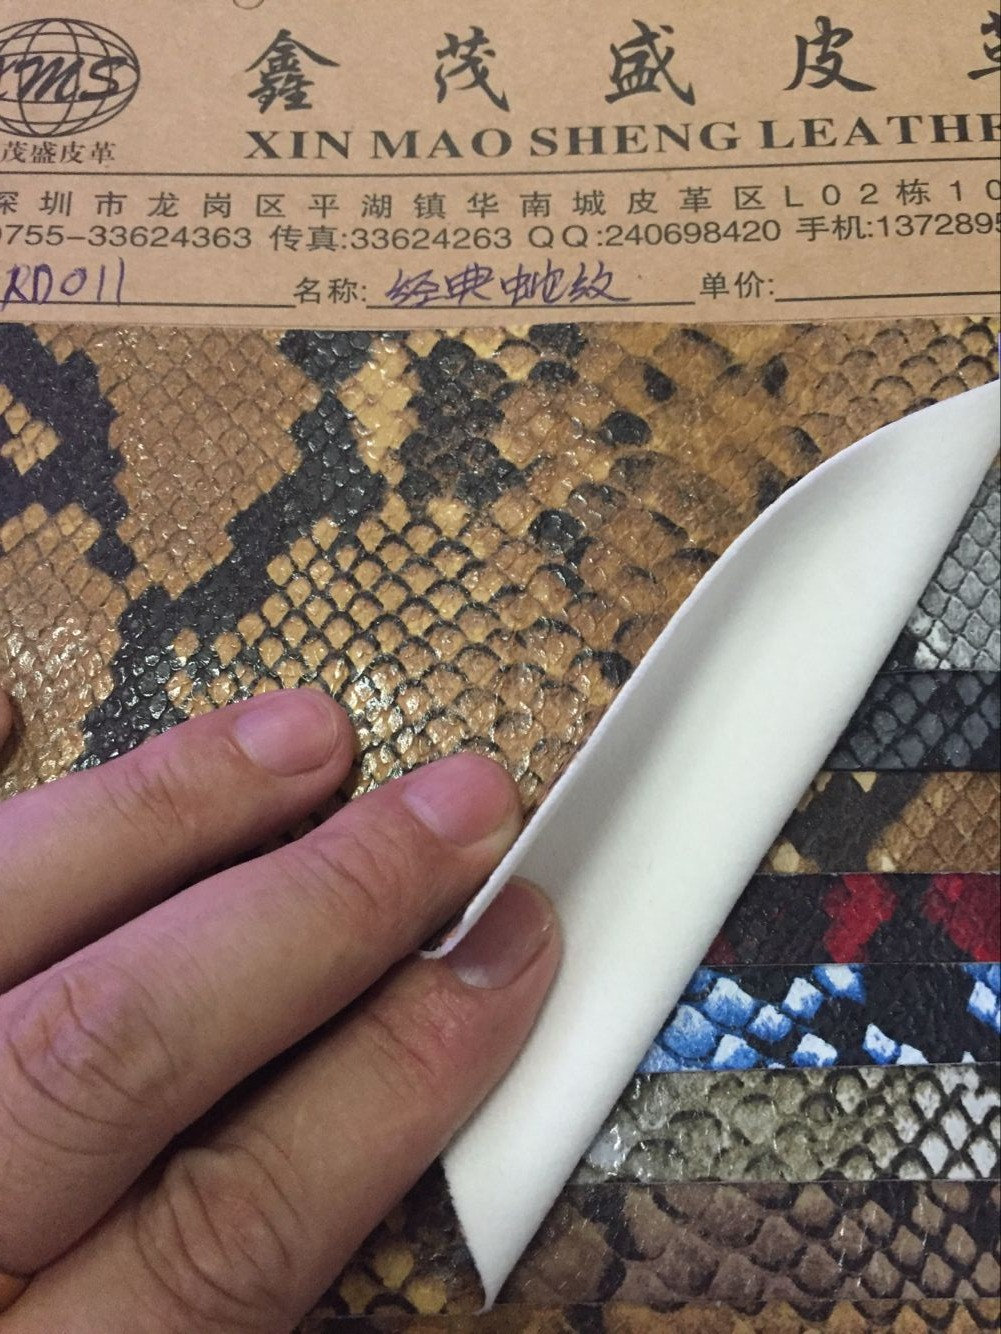 鳄鱼纹PU仿皮图片三